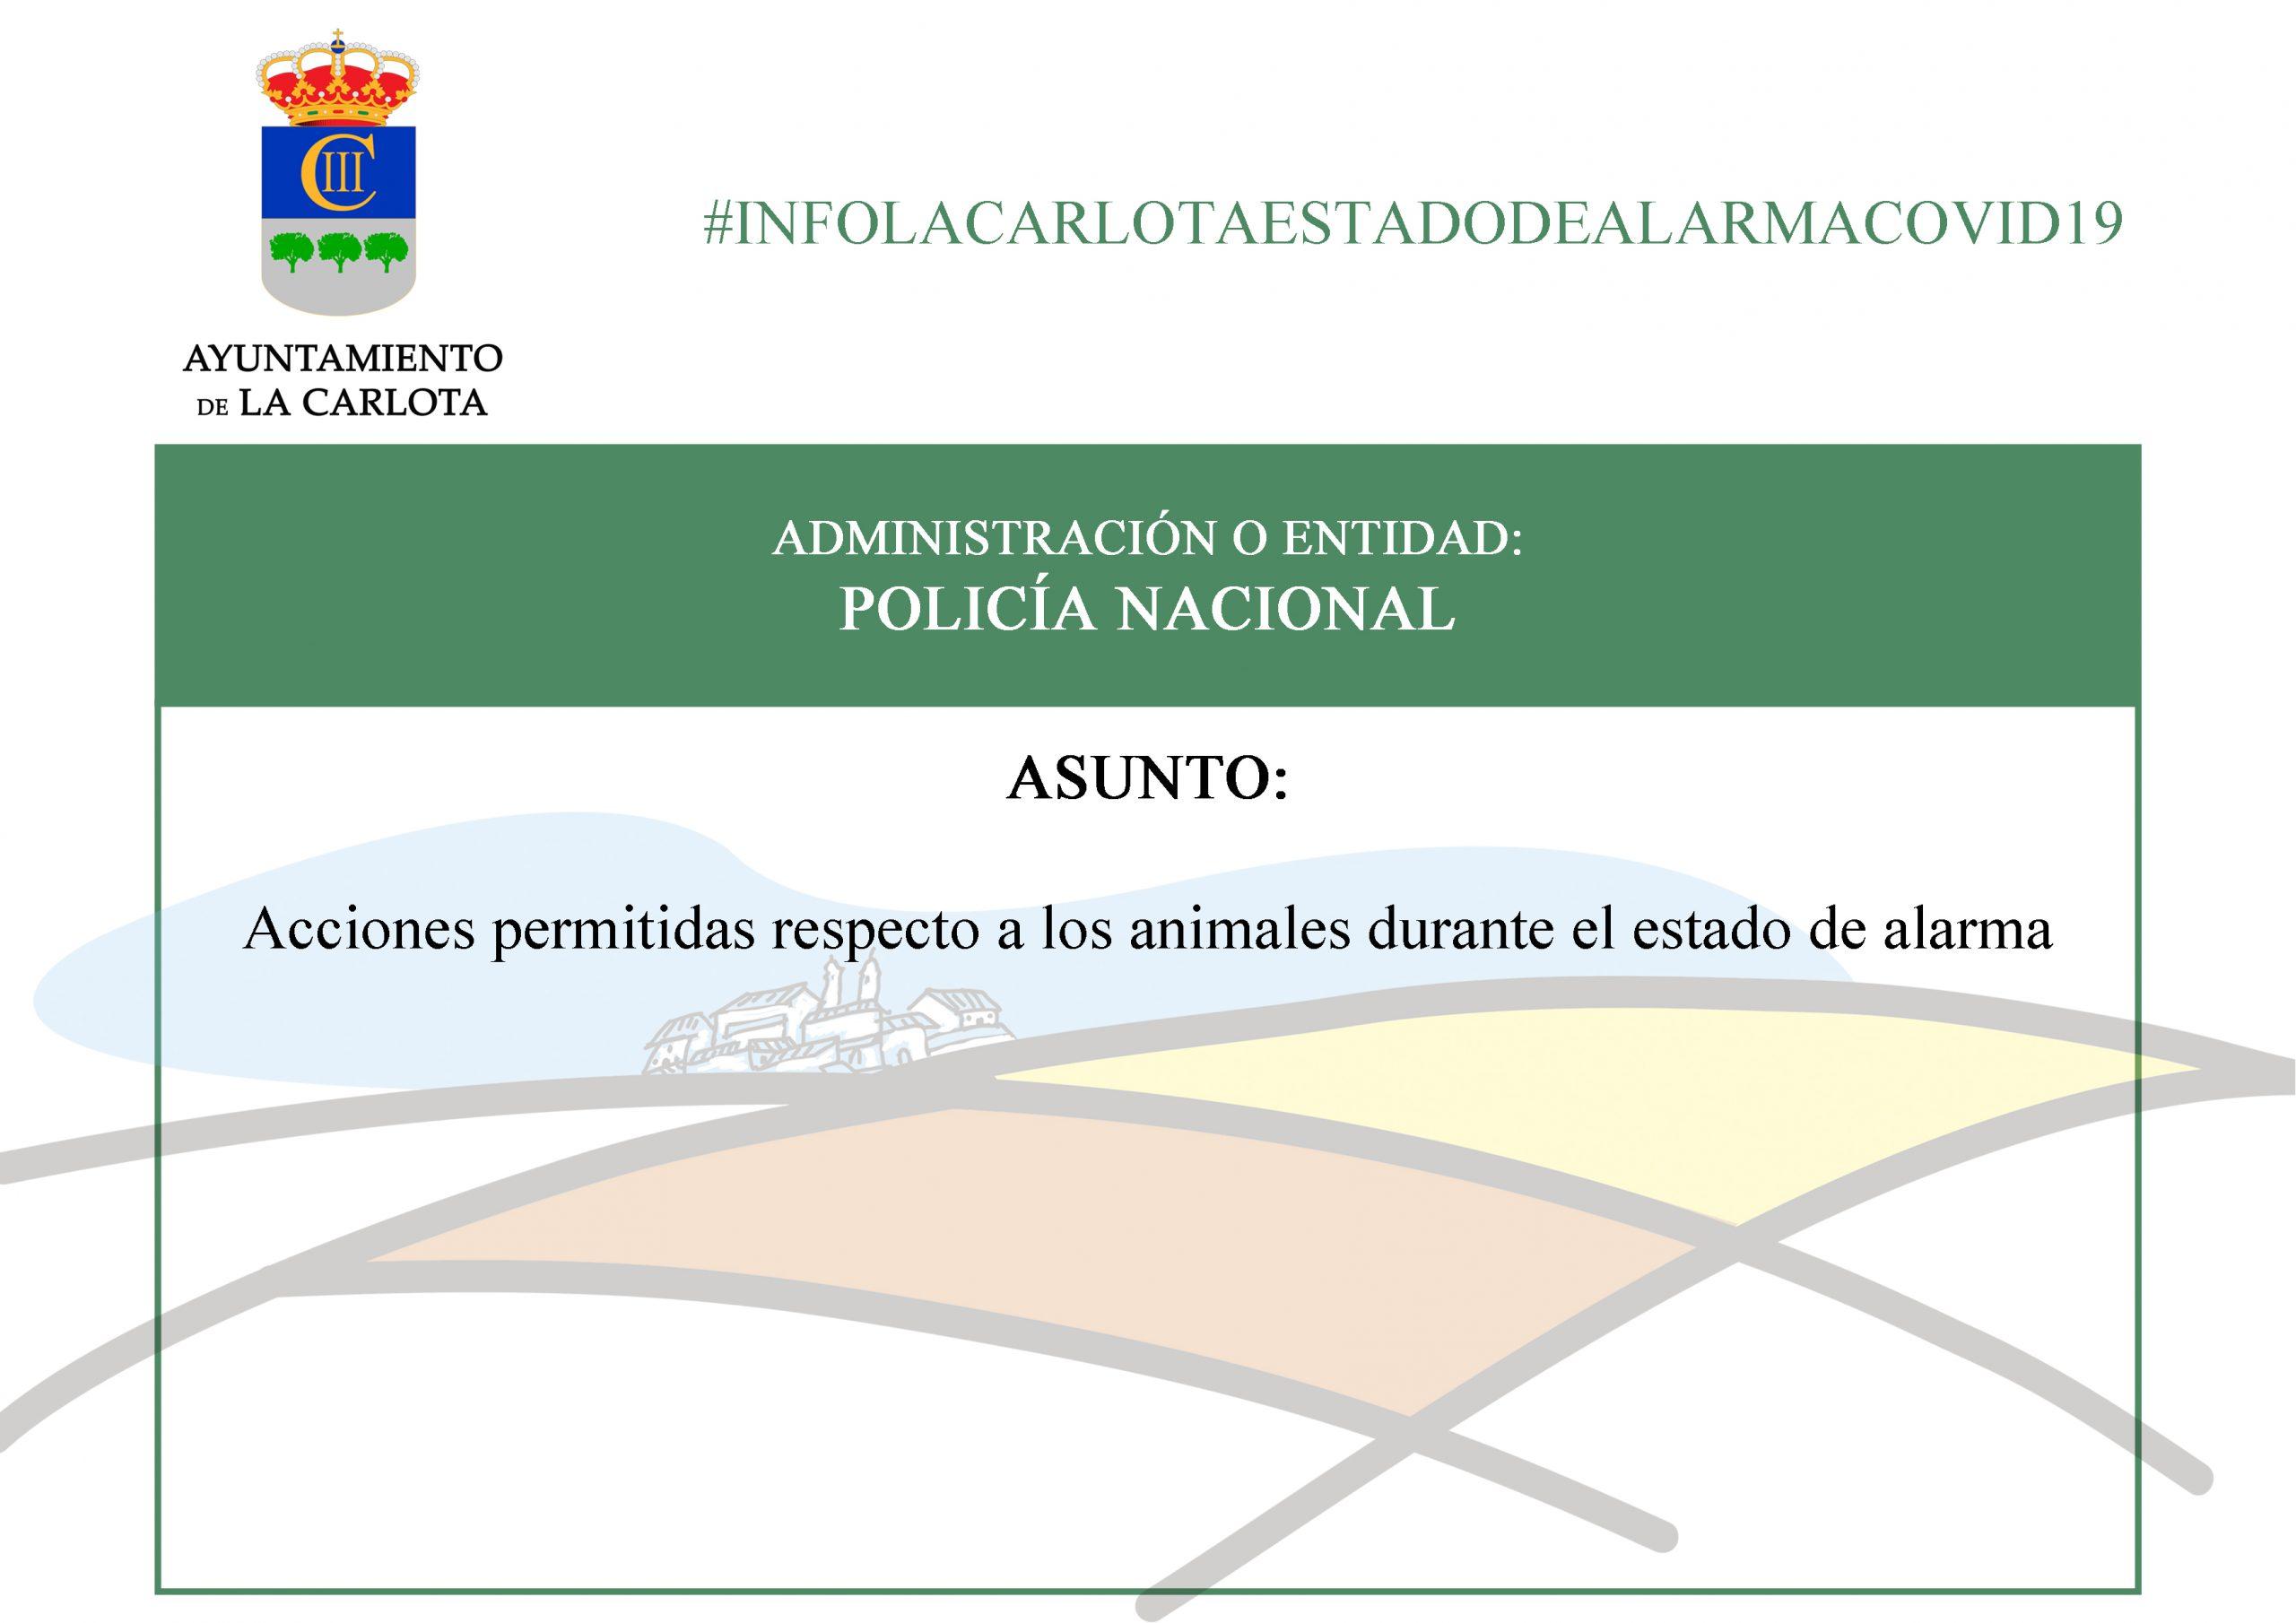 #INFOLACARLOTAESTADODEALARMACOVID19 ACCIONES PERMITIDAS RESPECTO A LOS ANIMALES DURANTE EL ESTADO DE ALARMA 1